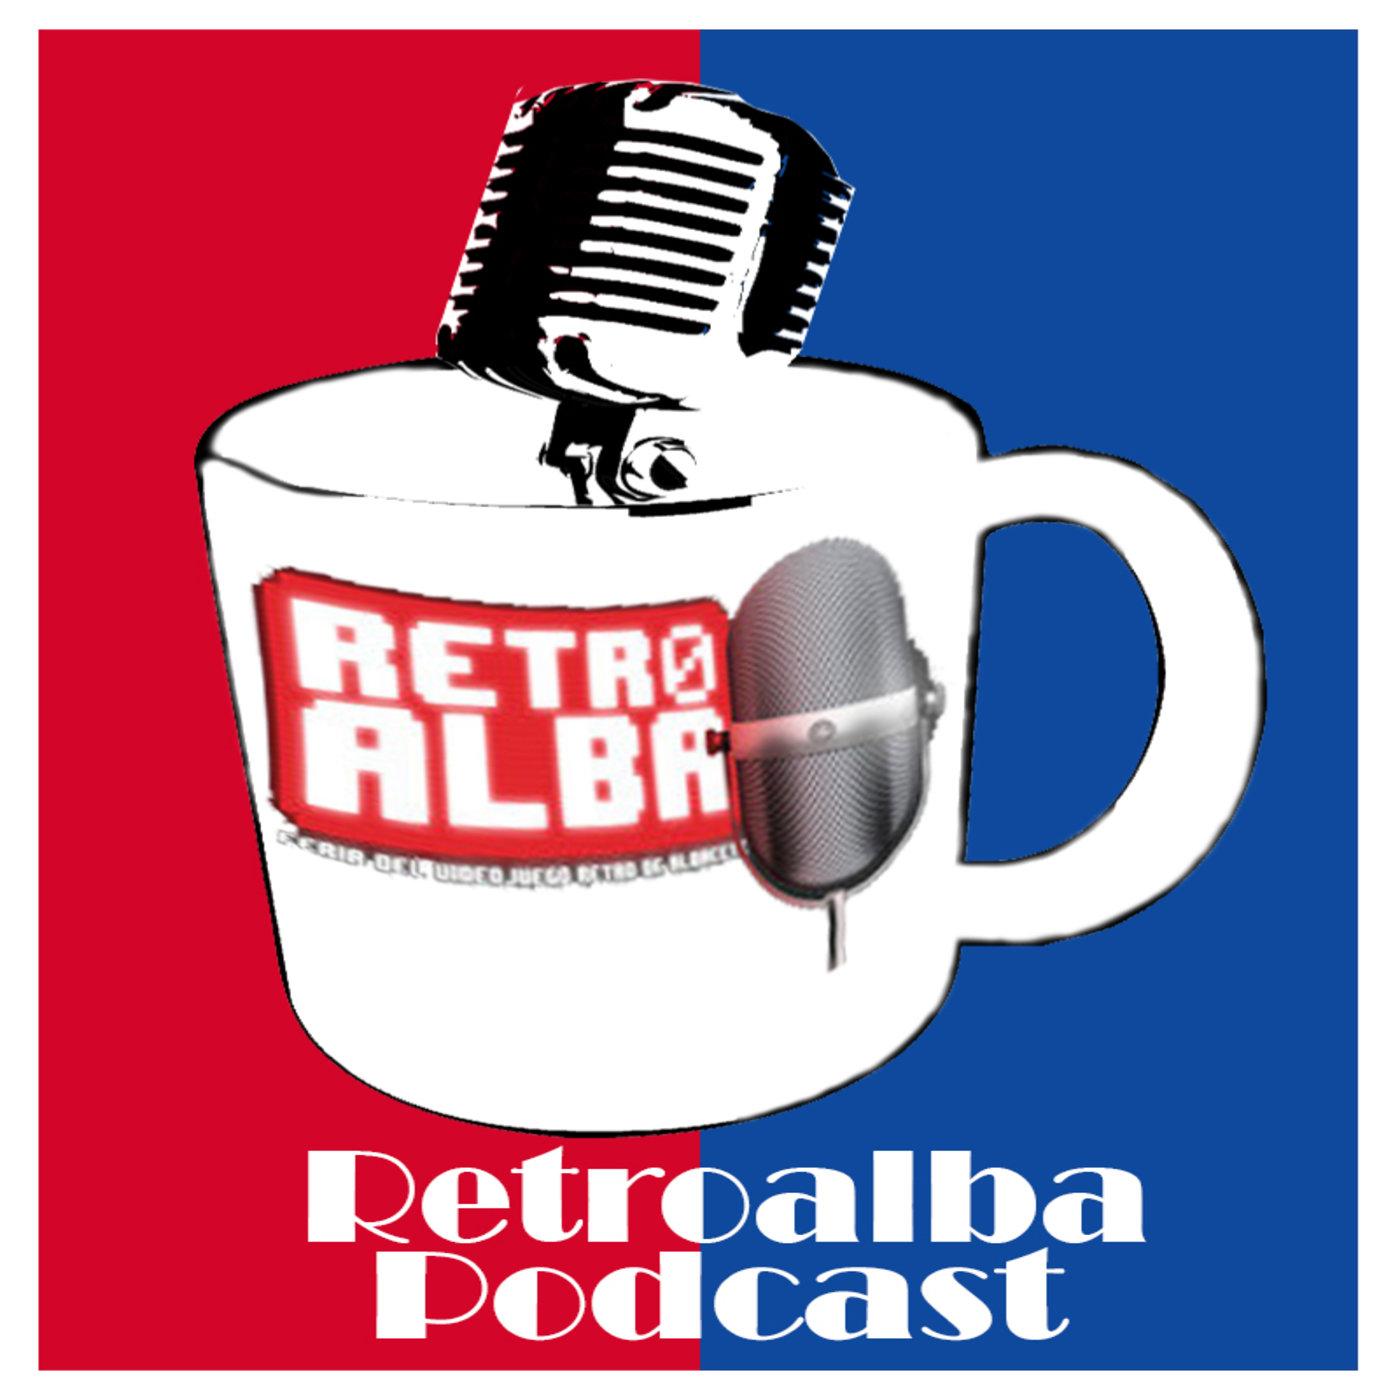 <![CDATA[RetroAlba Podcast]]>